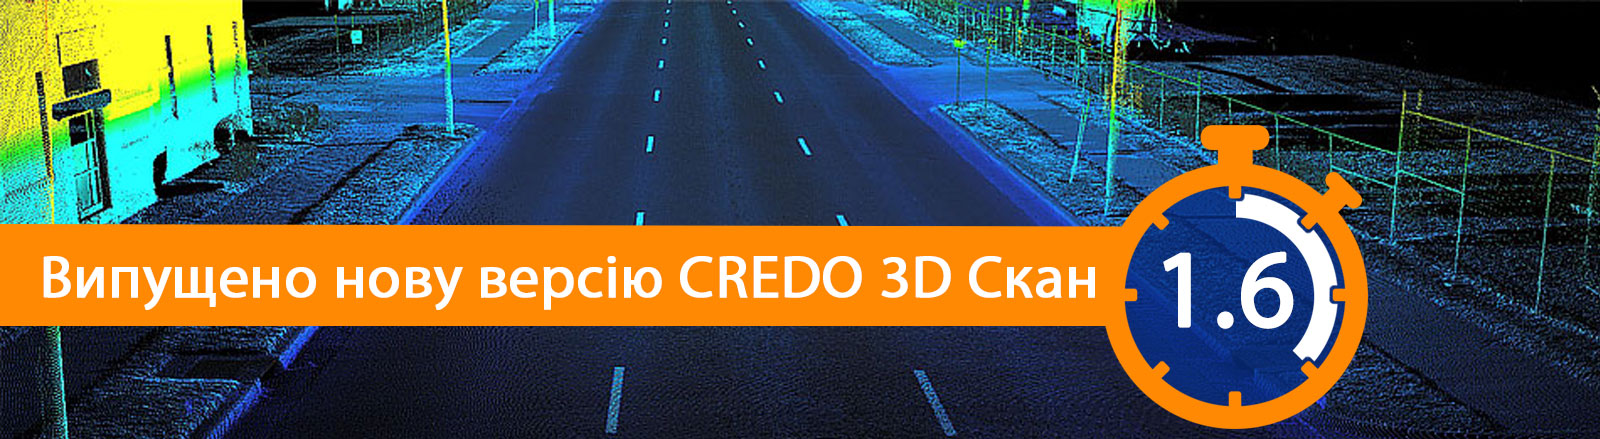 Випущено нову версію CREDO 3D СКАН 1.6